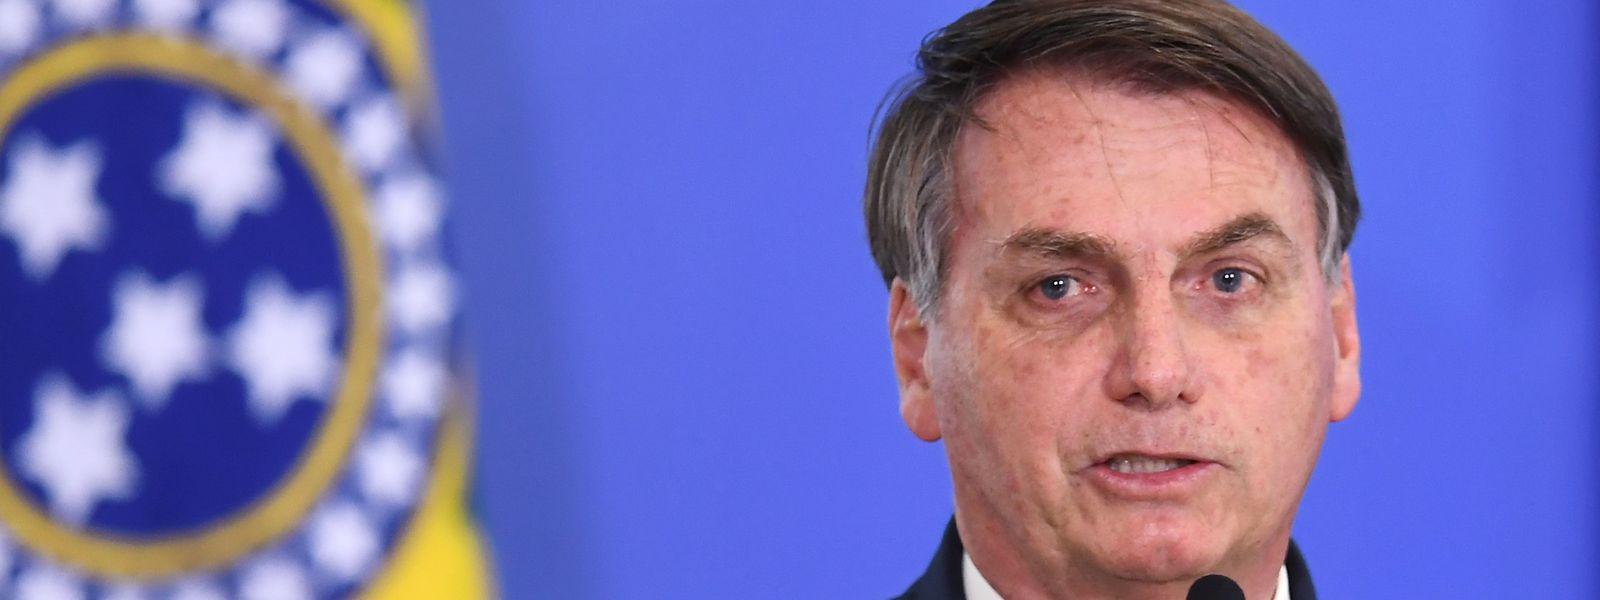 Jair Bolsonaro ist sauer auf seinen ehemaligen Justizminister.